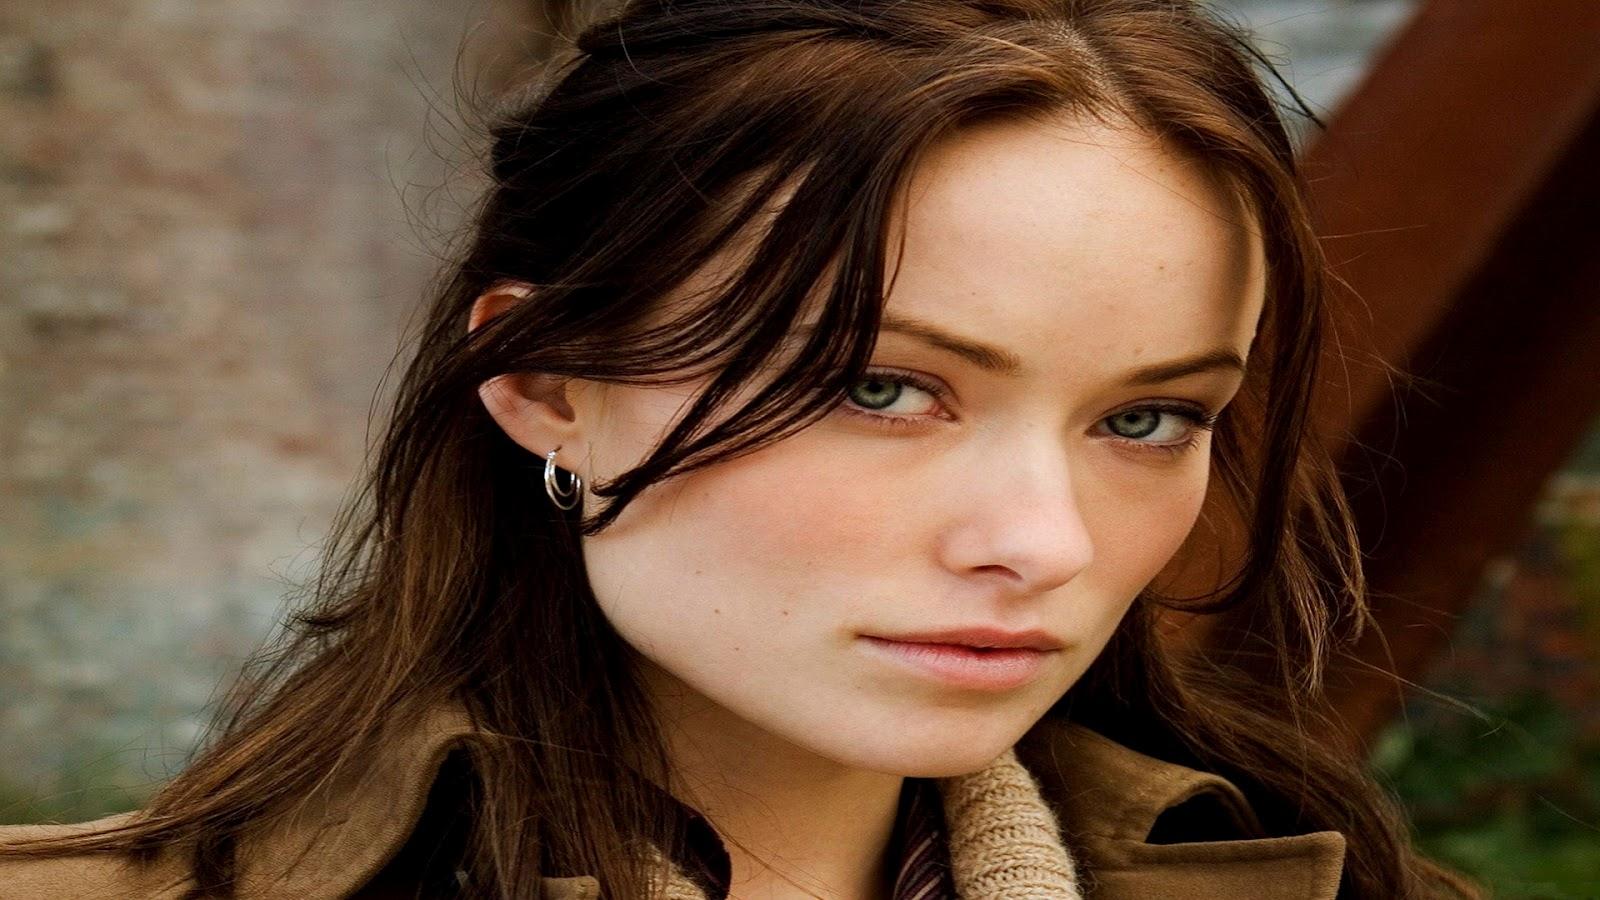 http://4.bp.blogspot.com/-aa1_og_t_BA/UB-Rj-KKDSI/AAAAAAAALPY/nDdEmFYATYk/s1600/Olivia-Wilde-Wallpapers-9.jpg